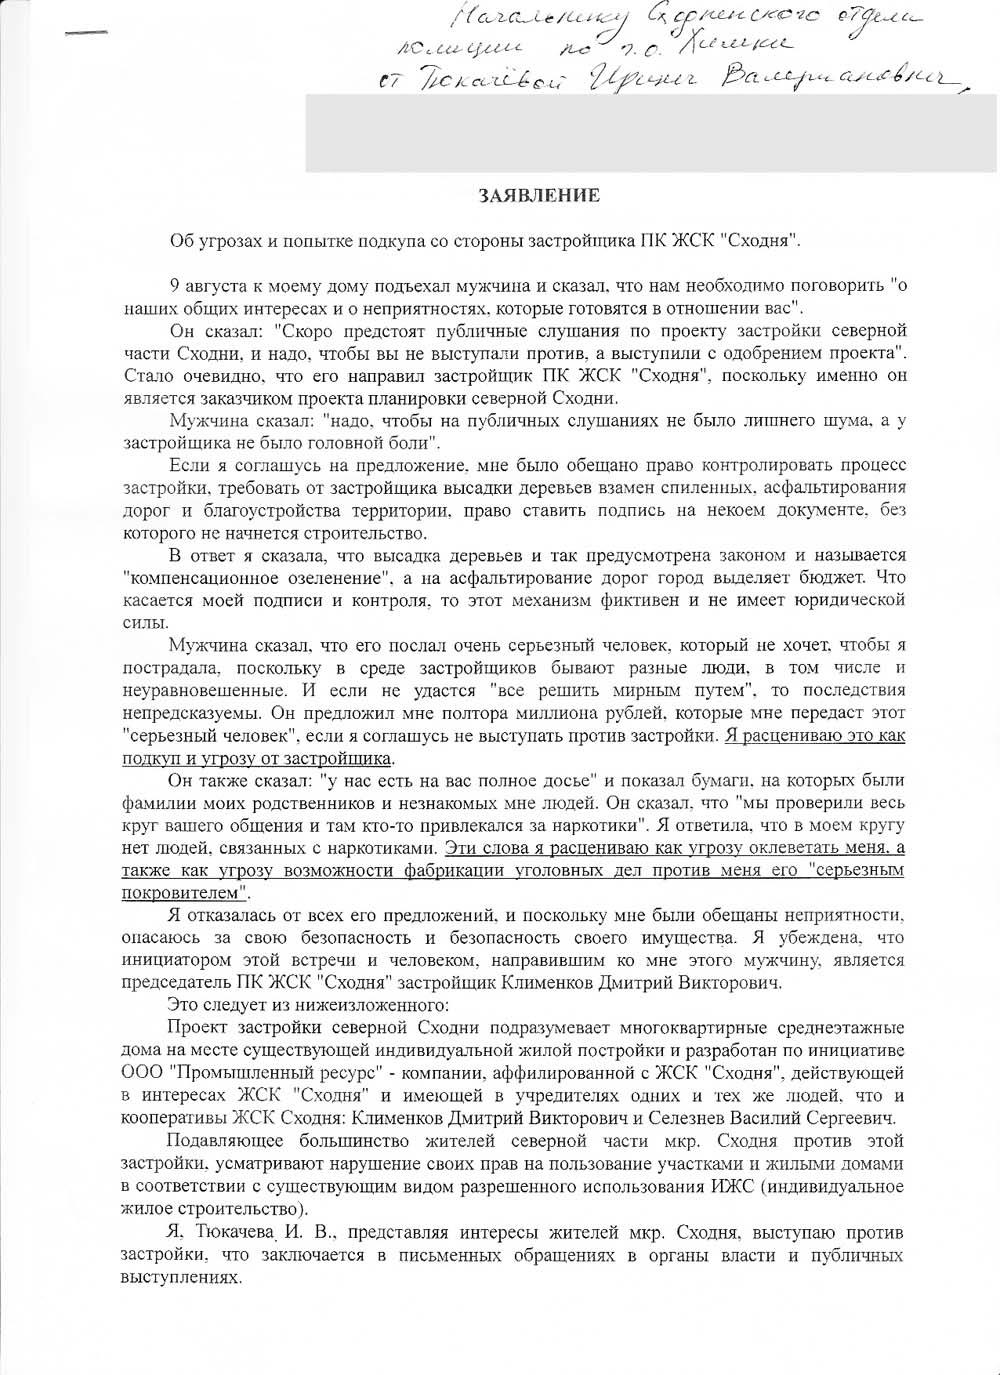 Заявление в полицию стр.1